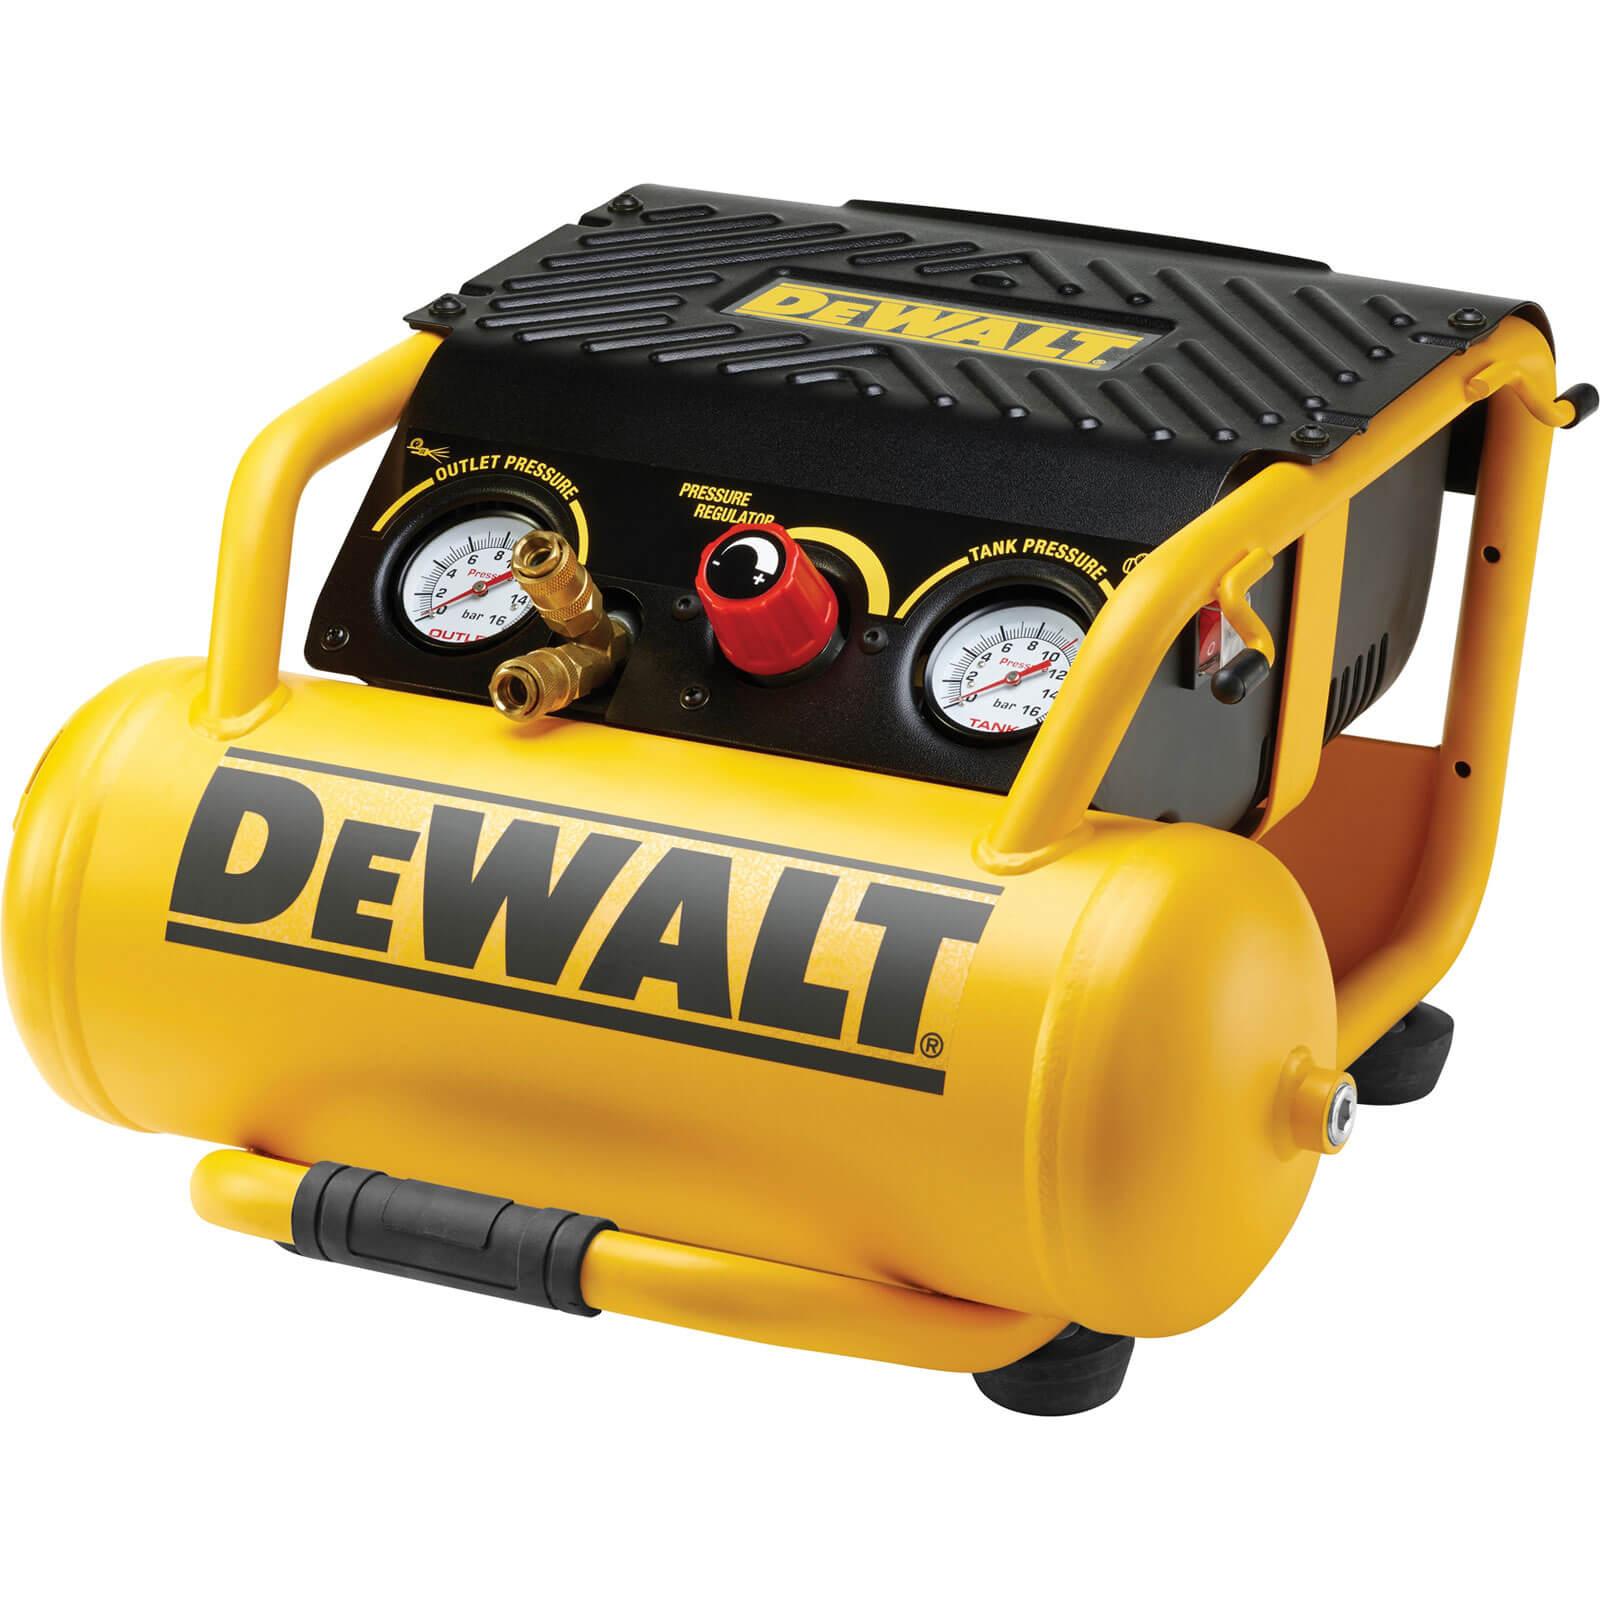 DeWalt DPC10RC Roll Cage Electric Air Compressor 10L Tank 110v